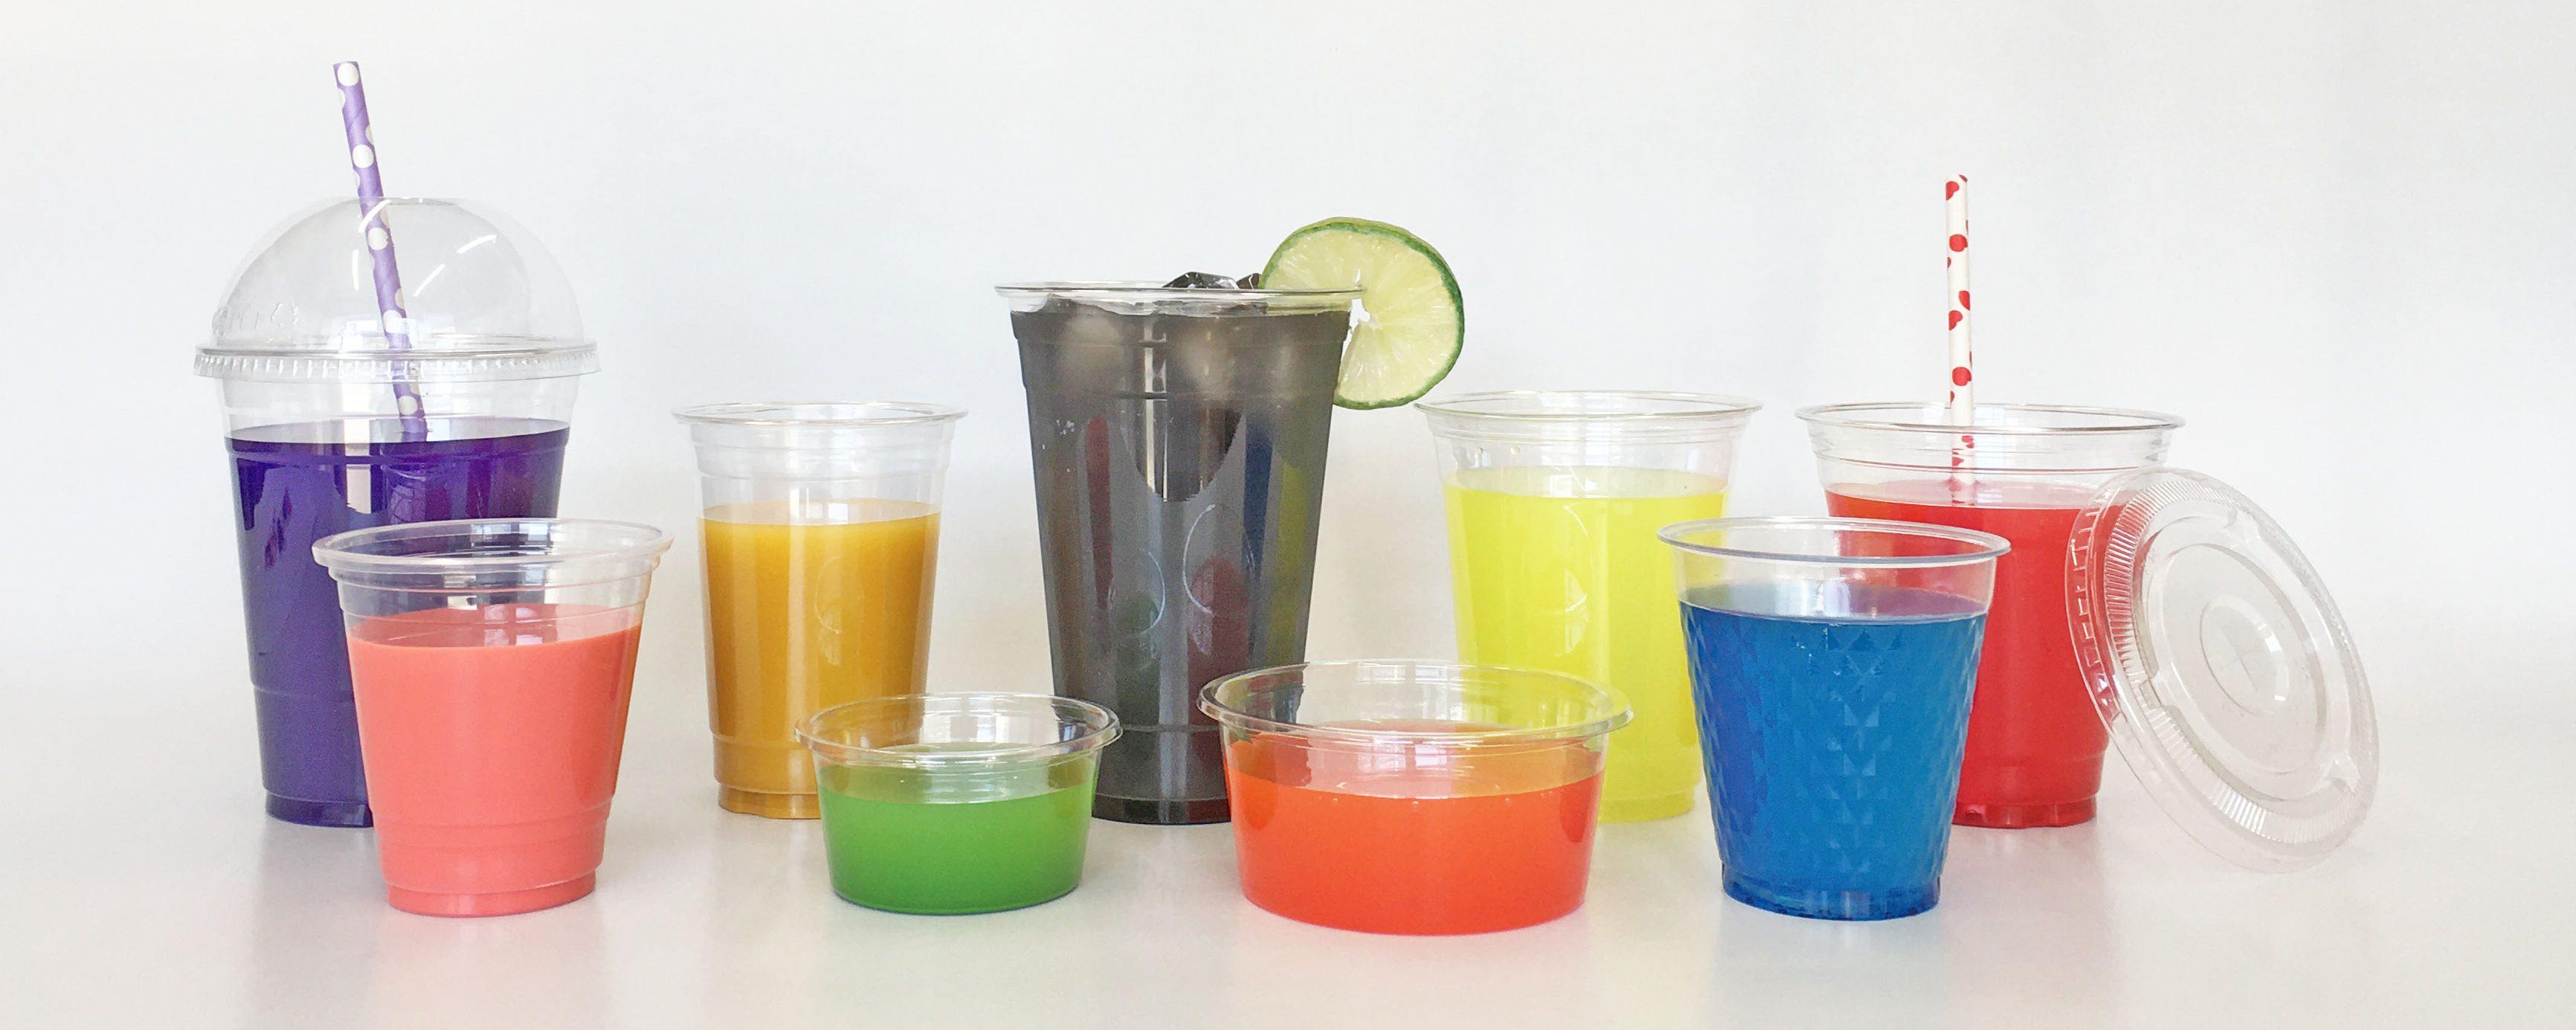 プラスチックカップイメージ画像